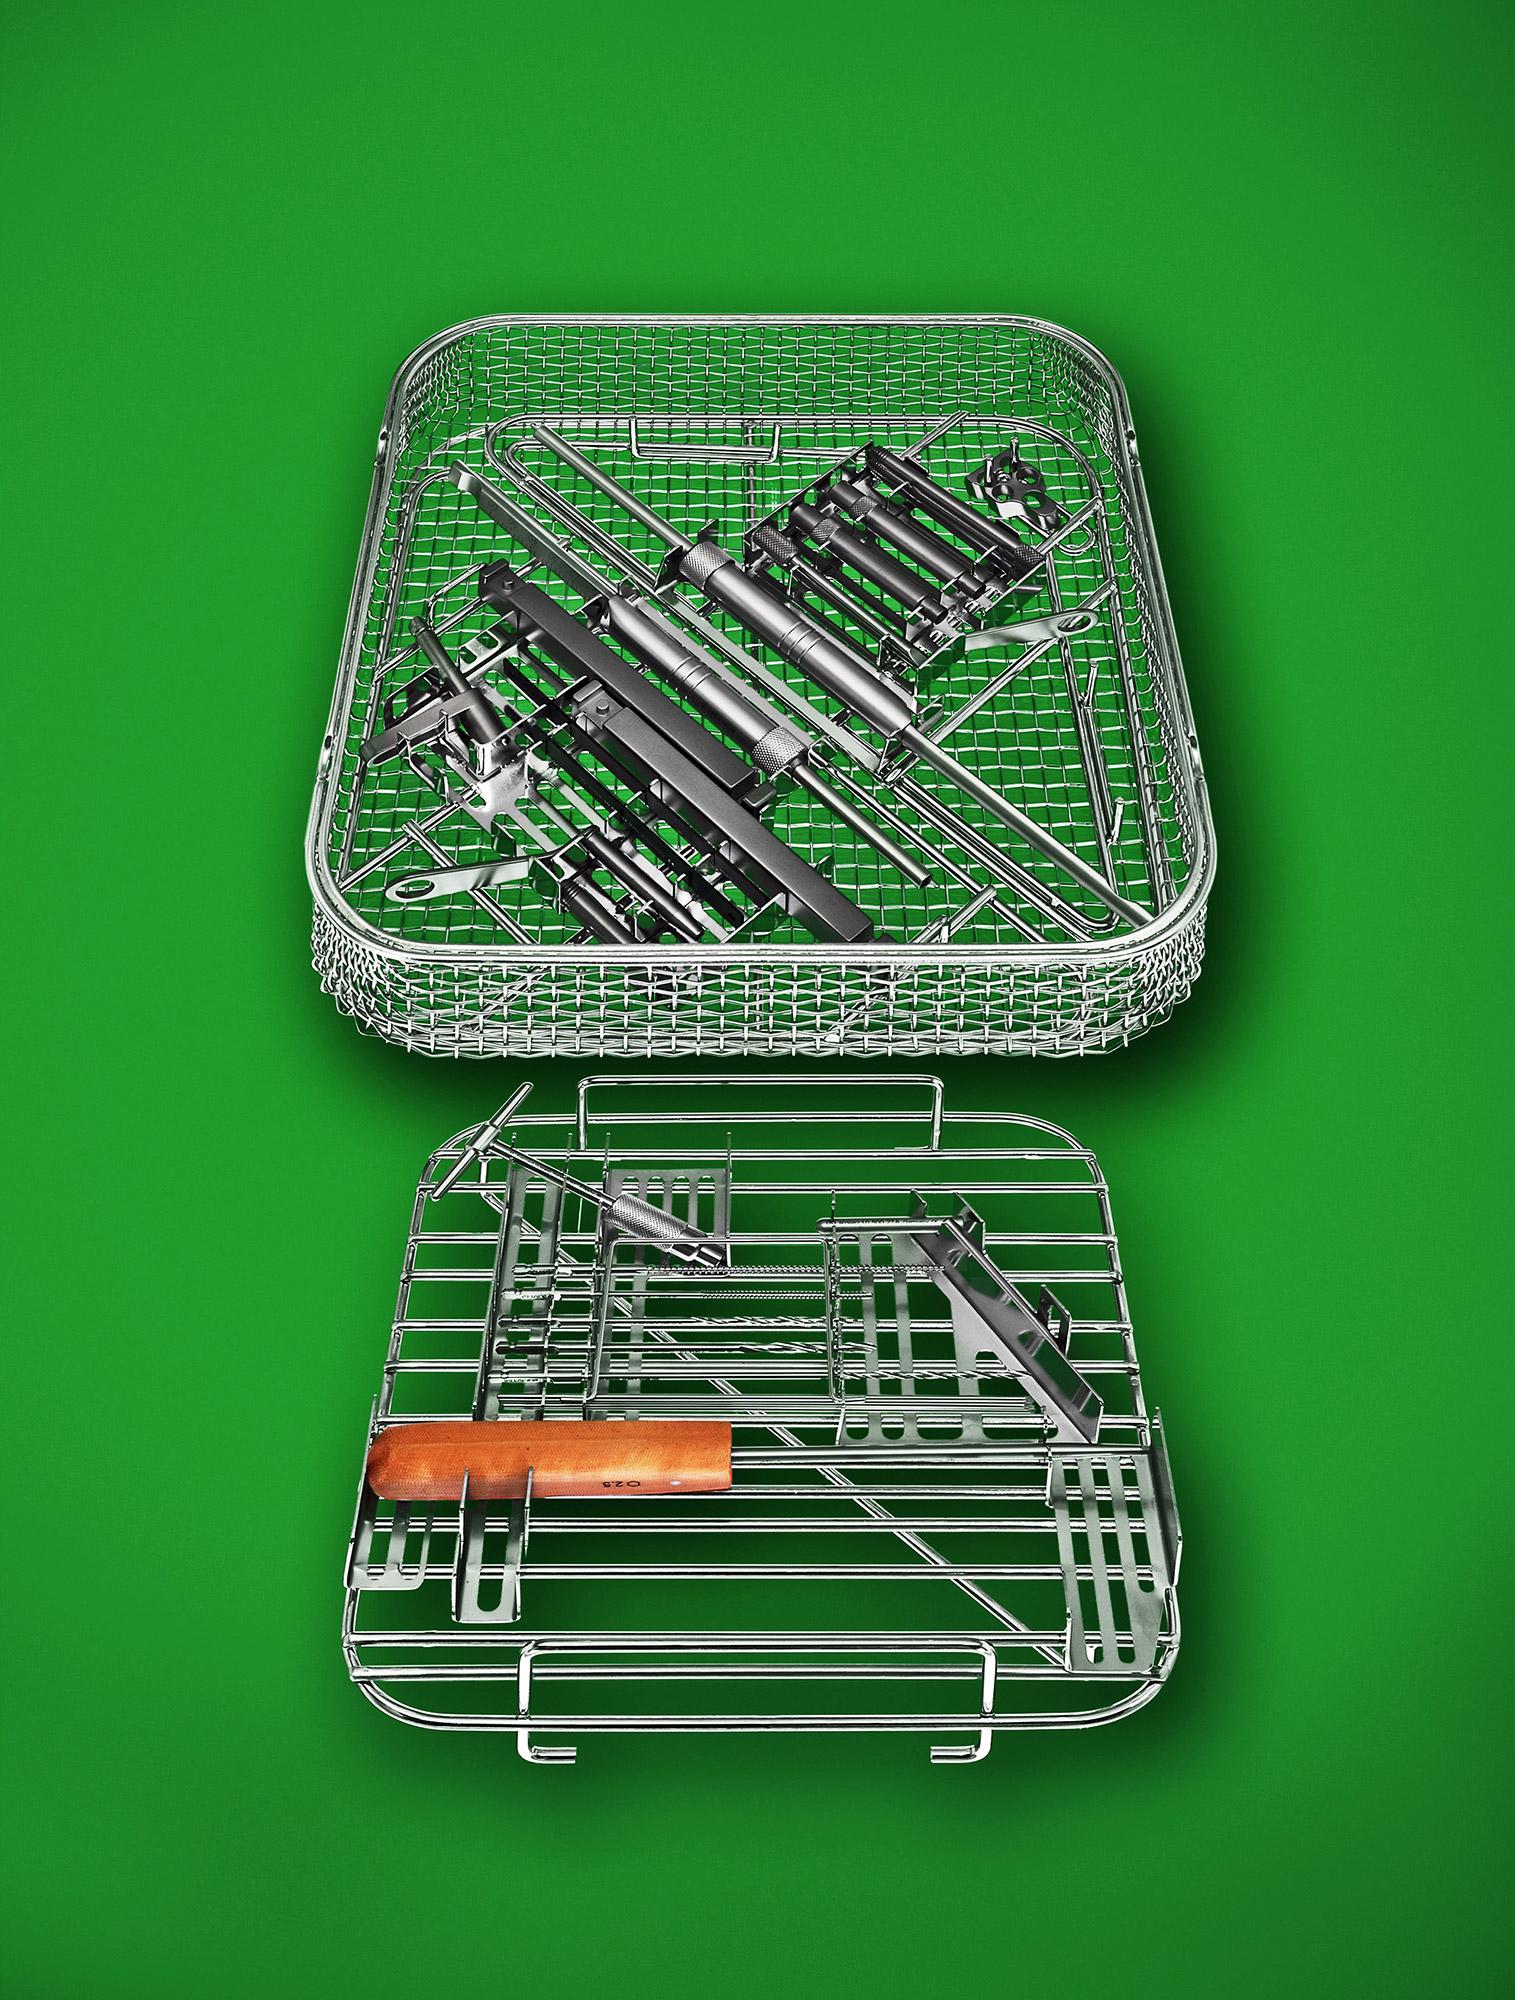 operation siebe implantate gruen